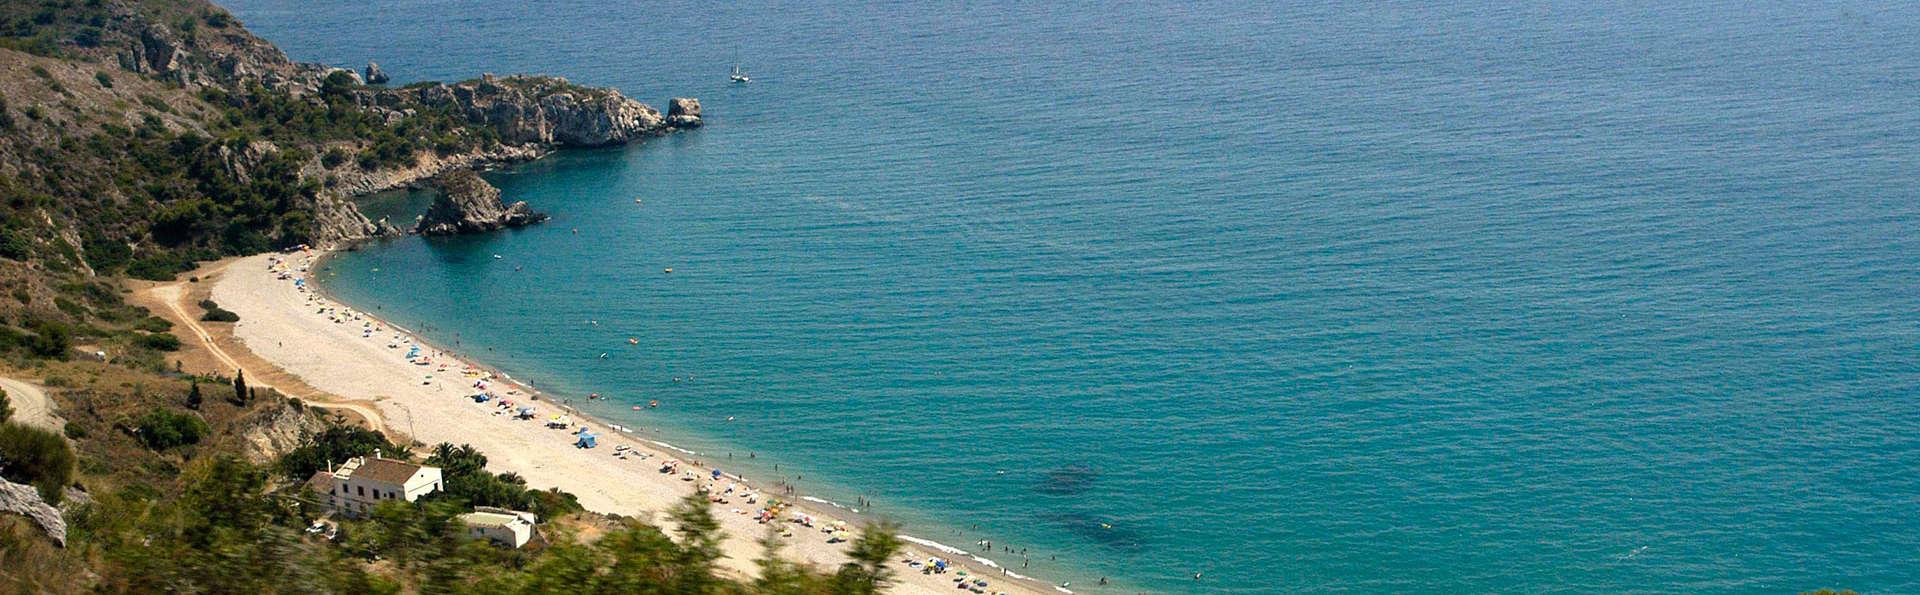 Hotel Suites Albayzín del Mar - EDIT_ALMunecar1.jpg